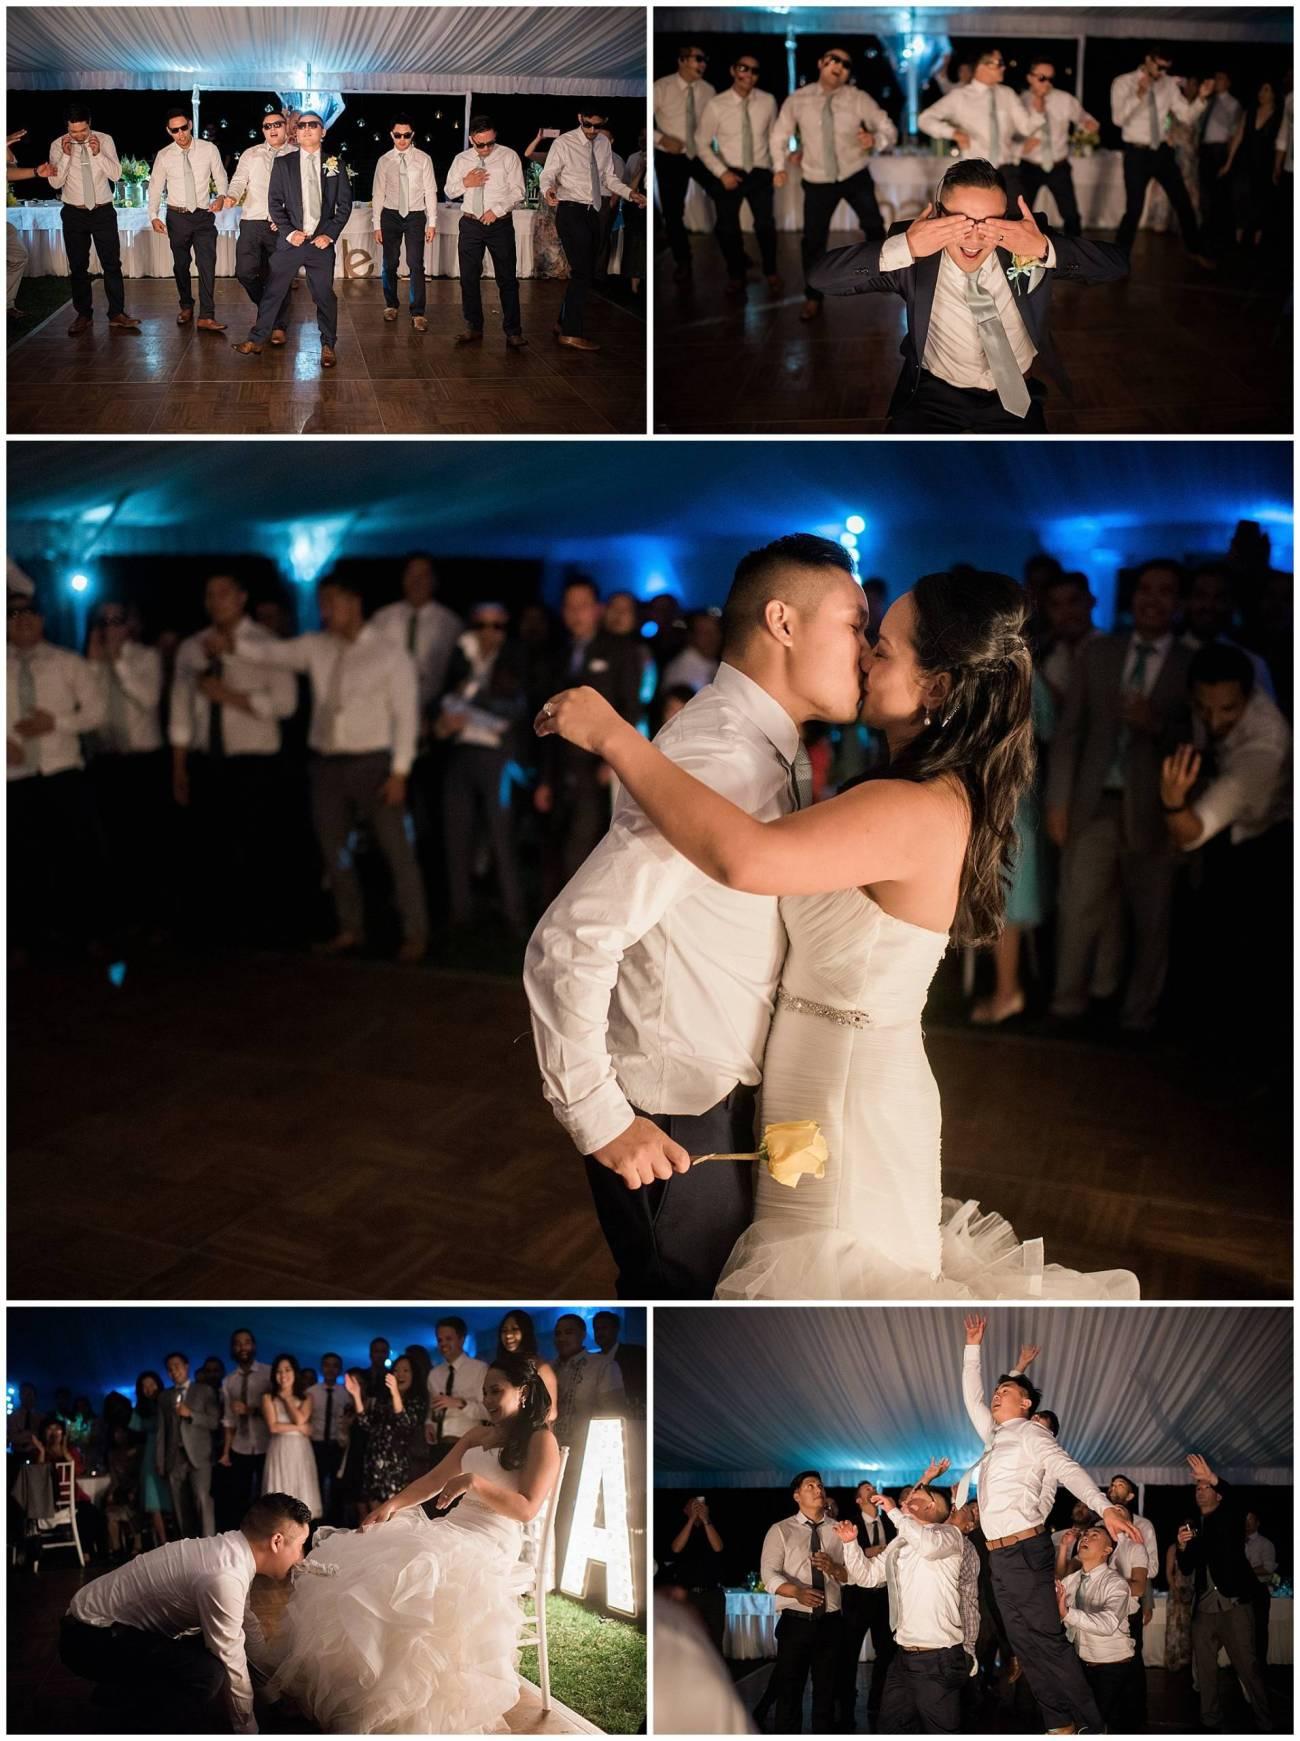 Ha & Allen Wedding Third Element Photography & Cinema Pismo Beach Cliffs Resort Central Coast Hybrid Film Wedding Photographer_0046